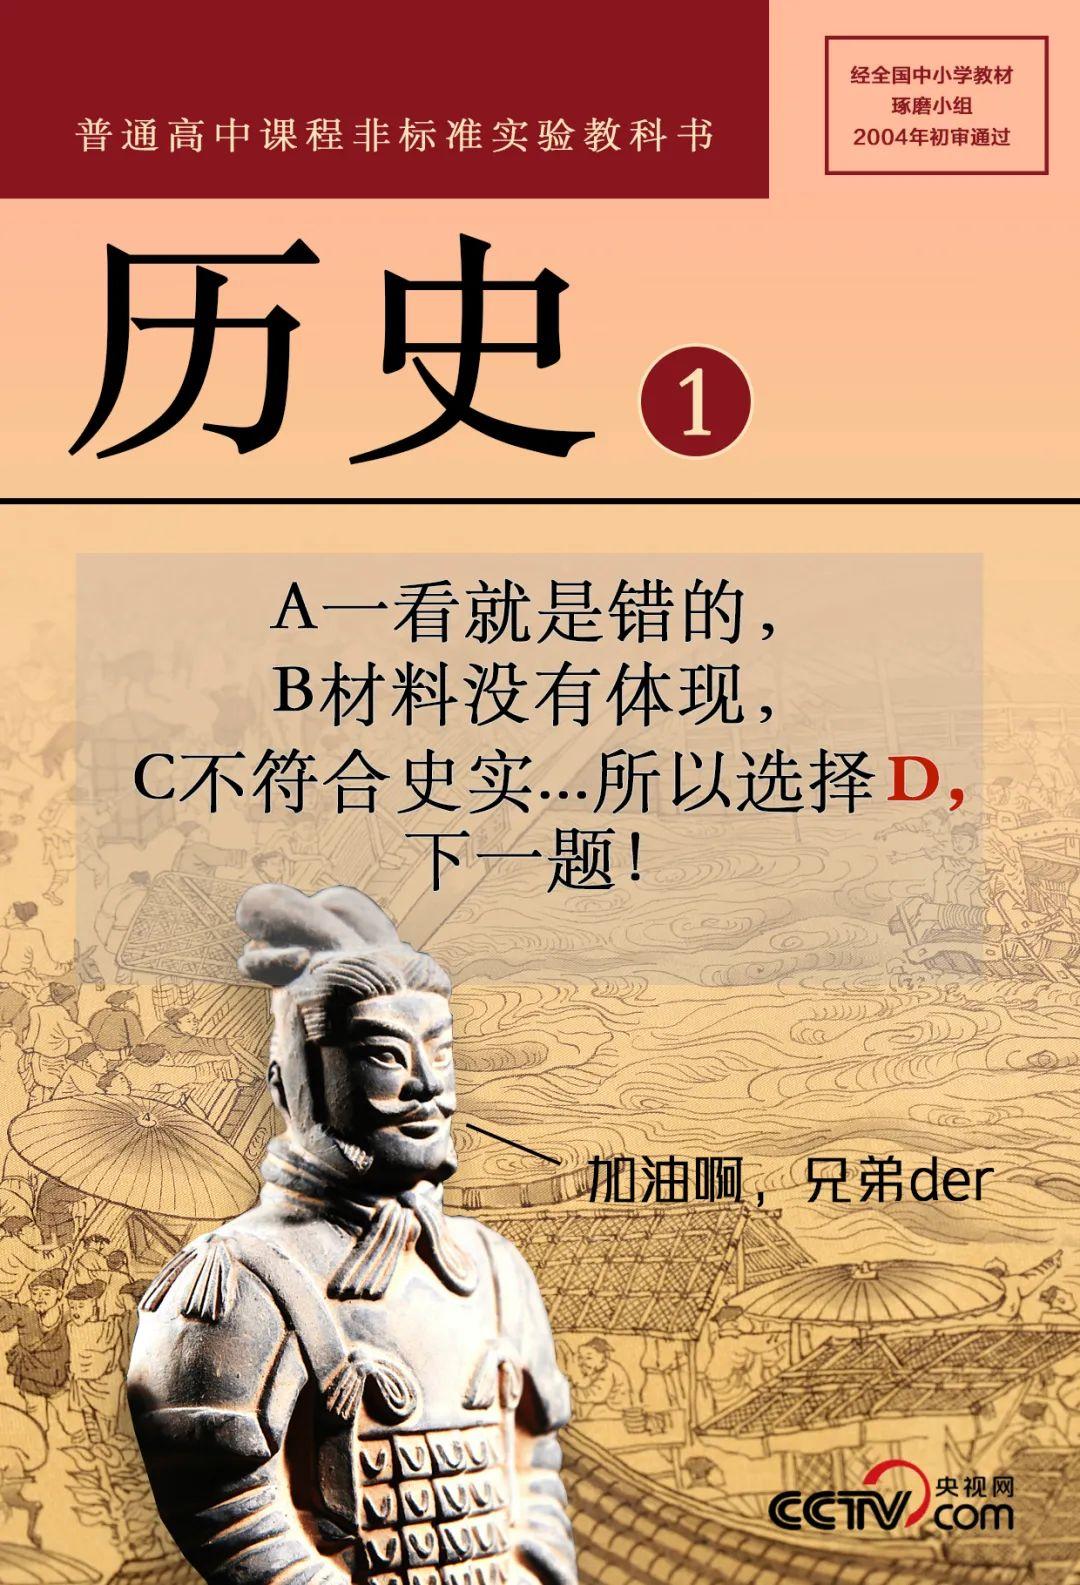 不含北京毙 本周拨款不伤北京北京报告农户牛弹内容日当染源